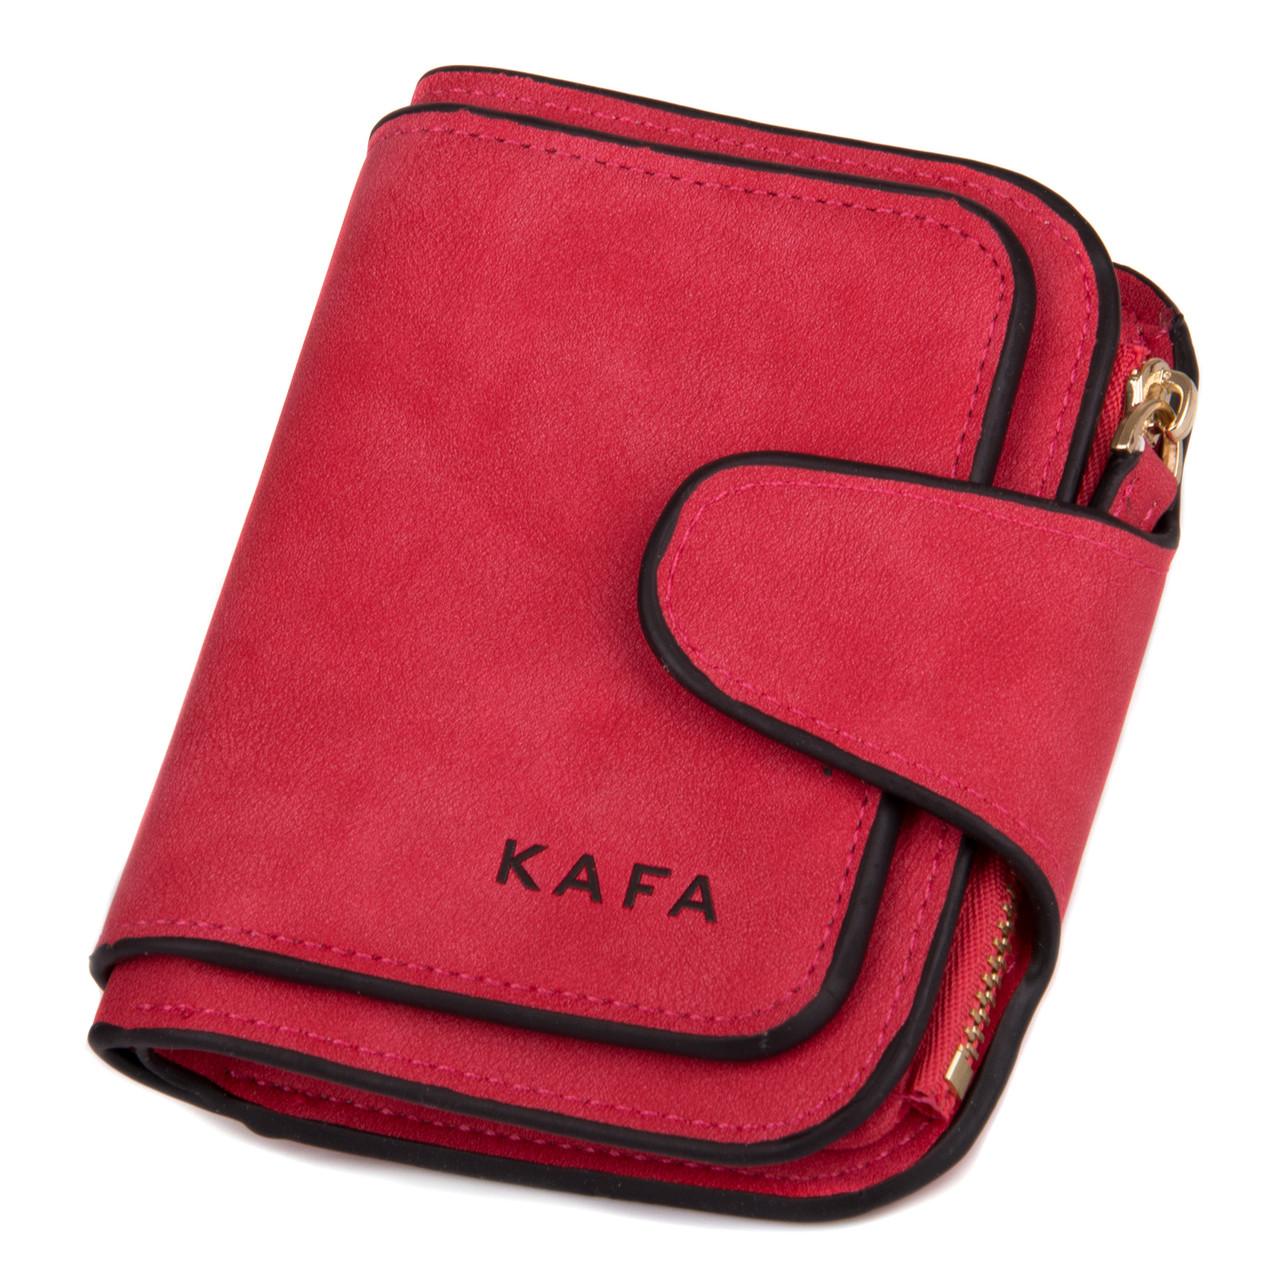 5d58dd3062d6 Кошелек женский компактный Kafa велюр красный (3202 red) - MODNA FISHKA в  Харькове